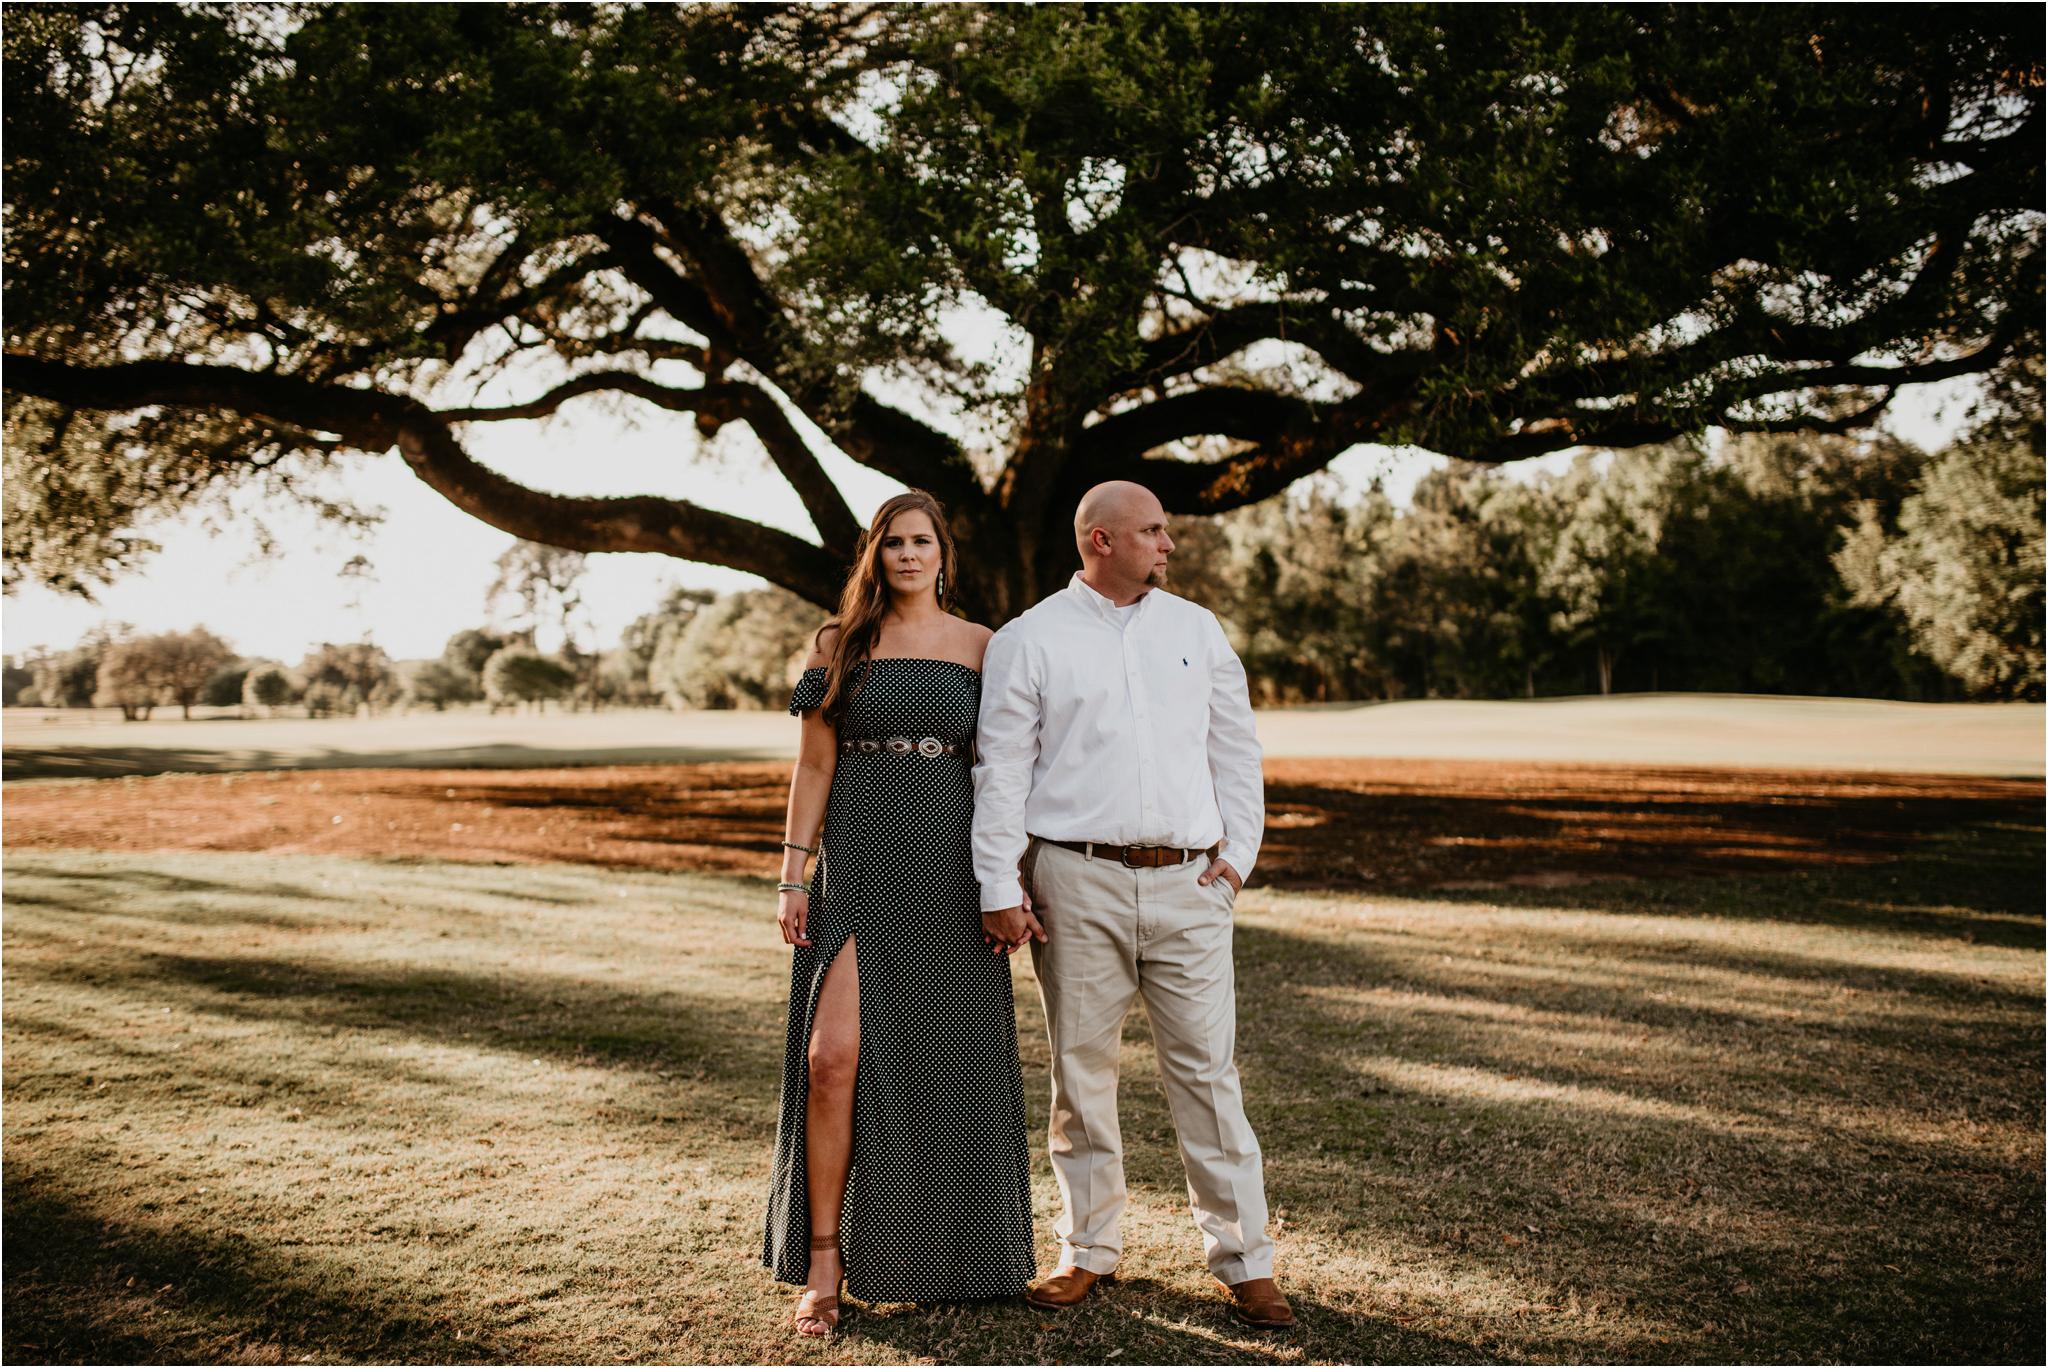 katie-and-eric-houston-oaks-engagement-session-houston-wedding-photographer-016.jpg